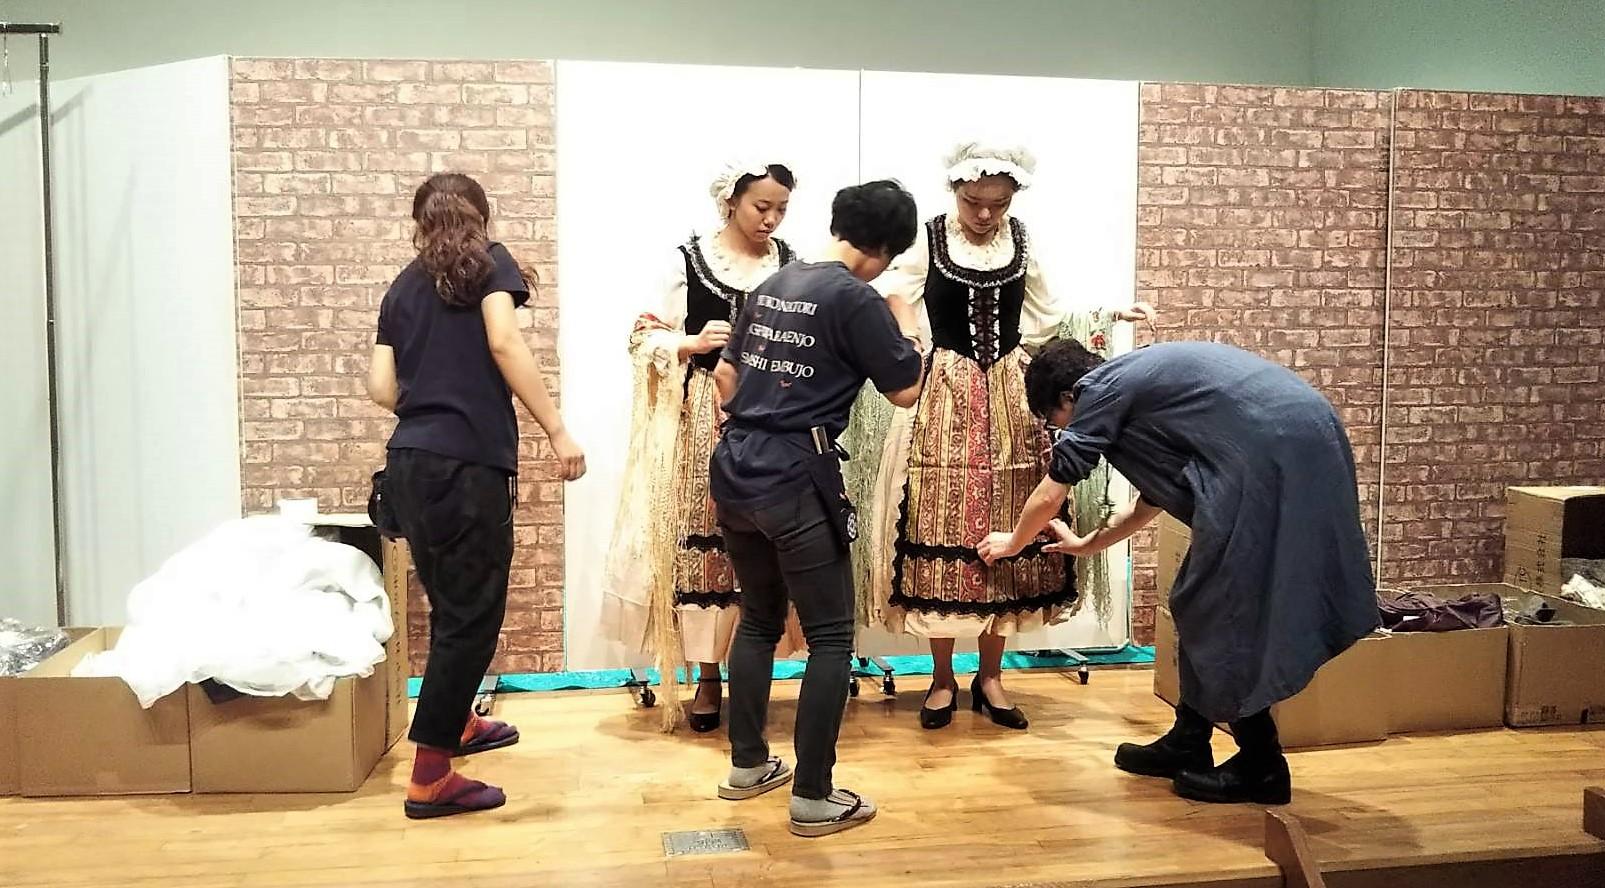 初めての衣装合わせ♪〜聖徳オペラ《フィガロの結婚》本番まであと1ヵ月!~